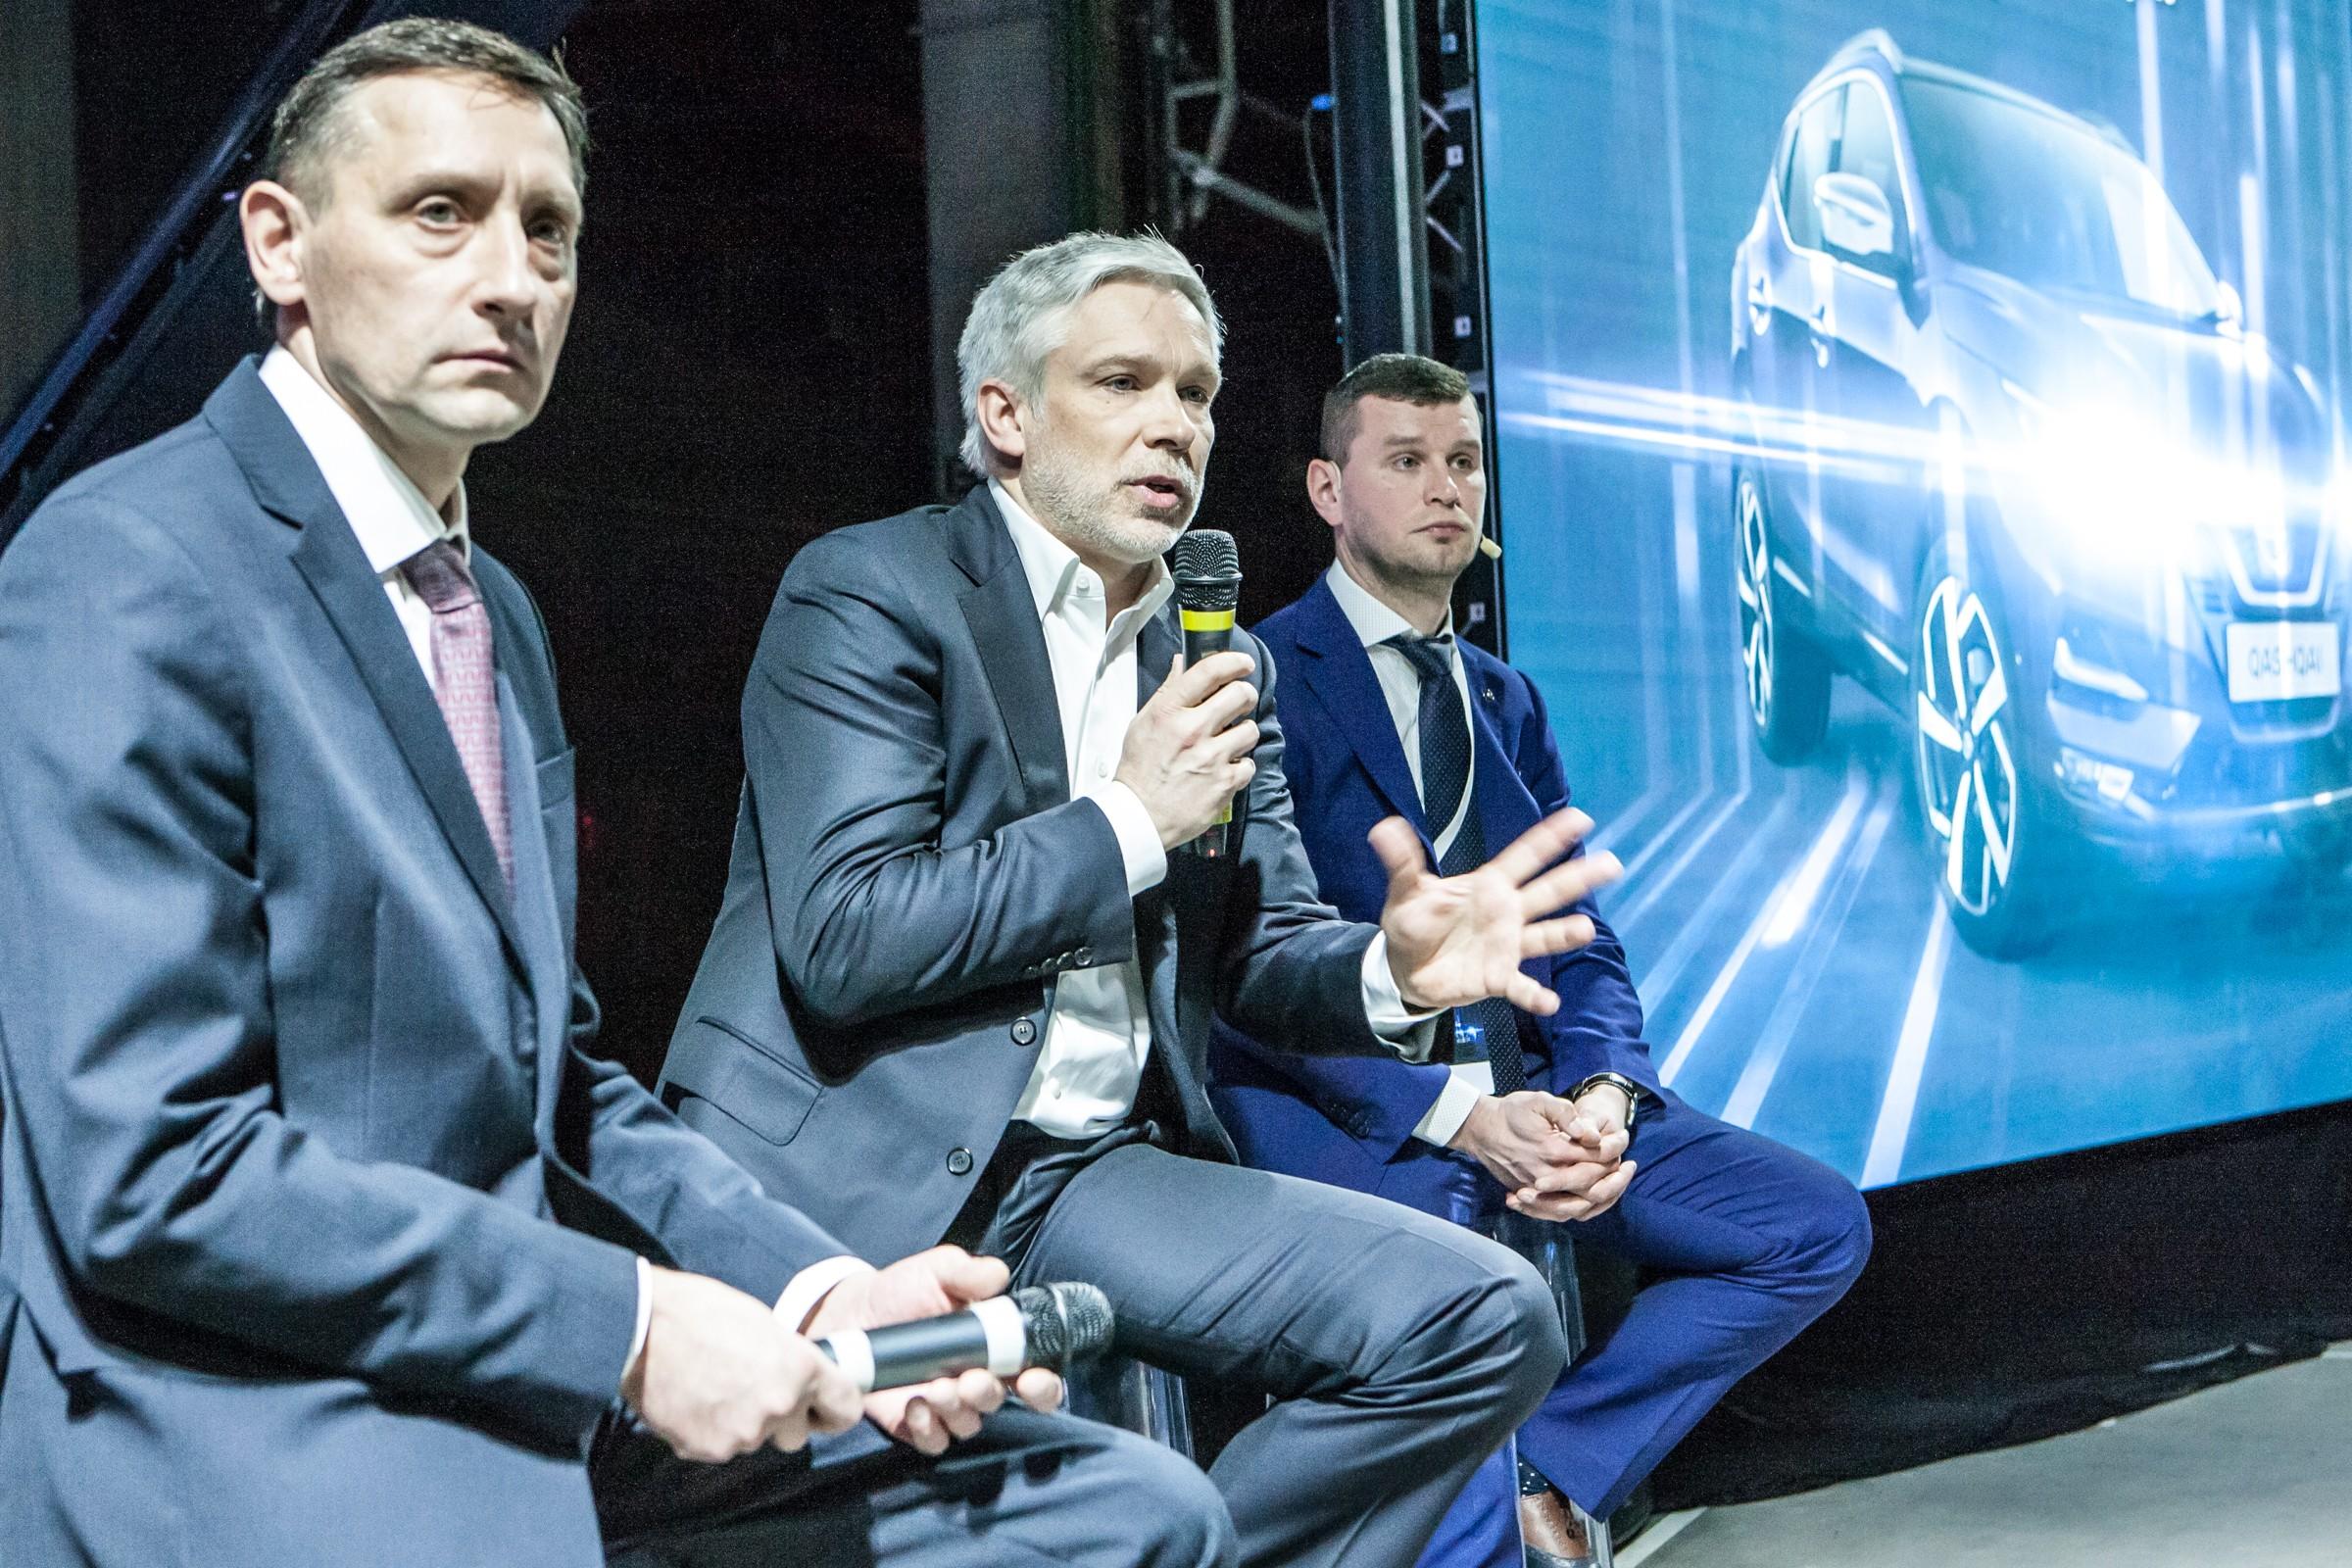 Андрей Акифьев, управляющий директор Nissan в России (в центре), Игорь Бойцов, генеральный директор завода «Ниссан Мэнуфэкчуринг Рус» (слева), Роман Скольский, пиар-директор Nissan (крайний справа)